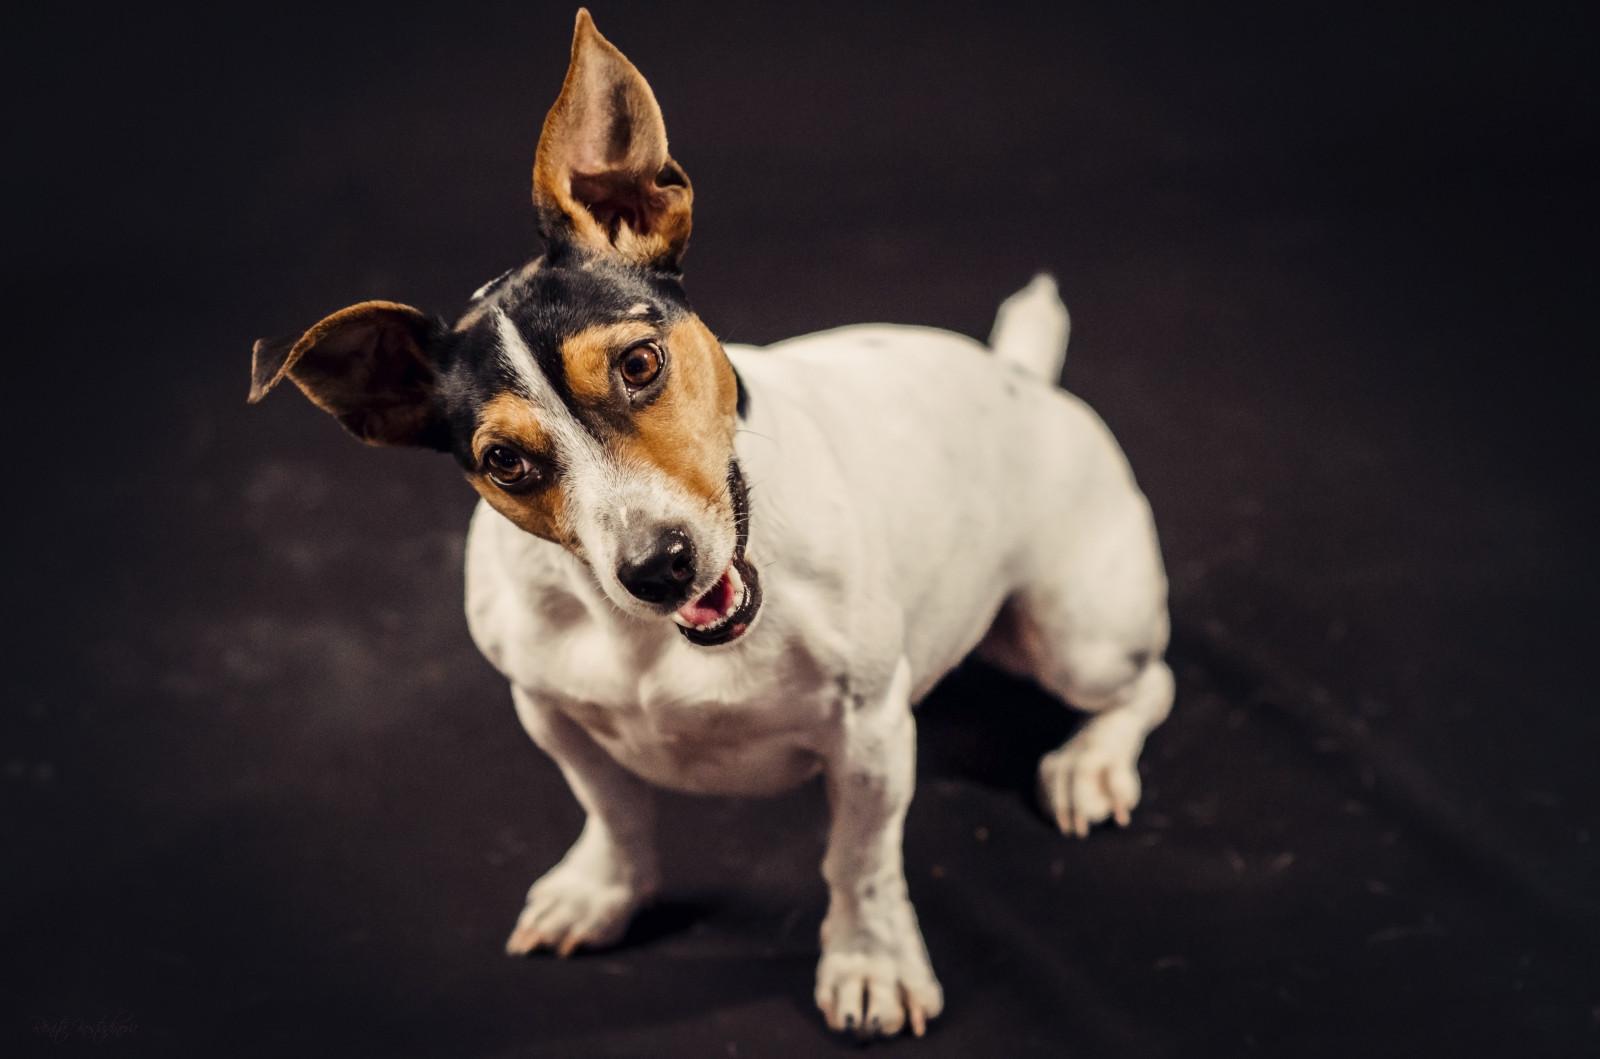 характер породы собаки тентерфилд терьер